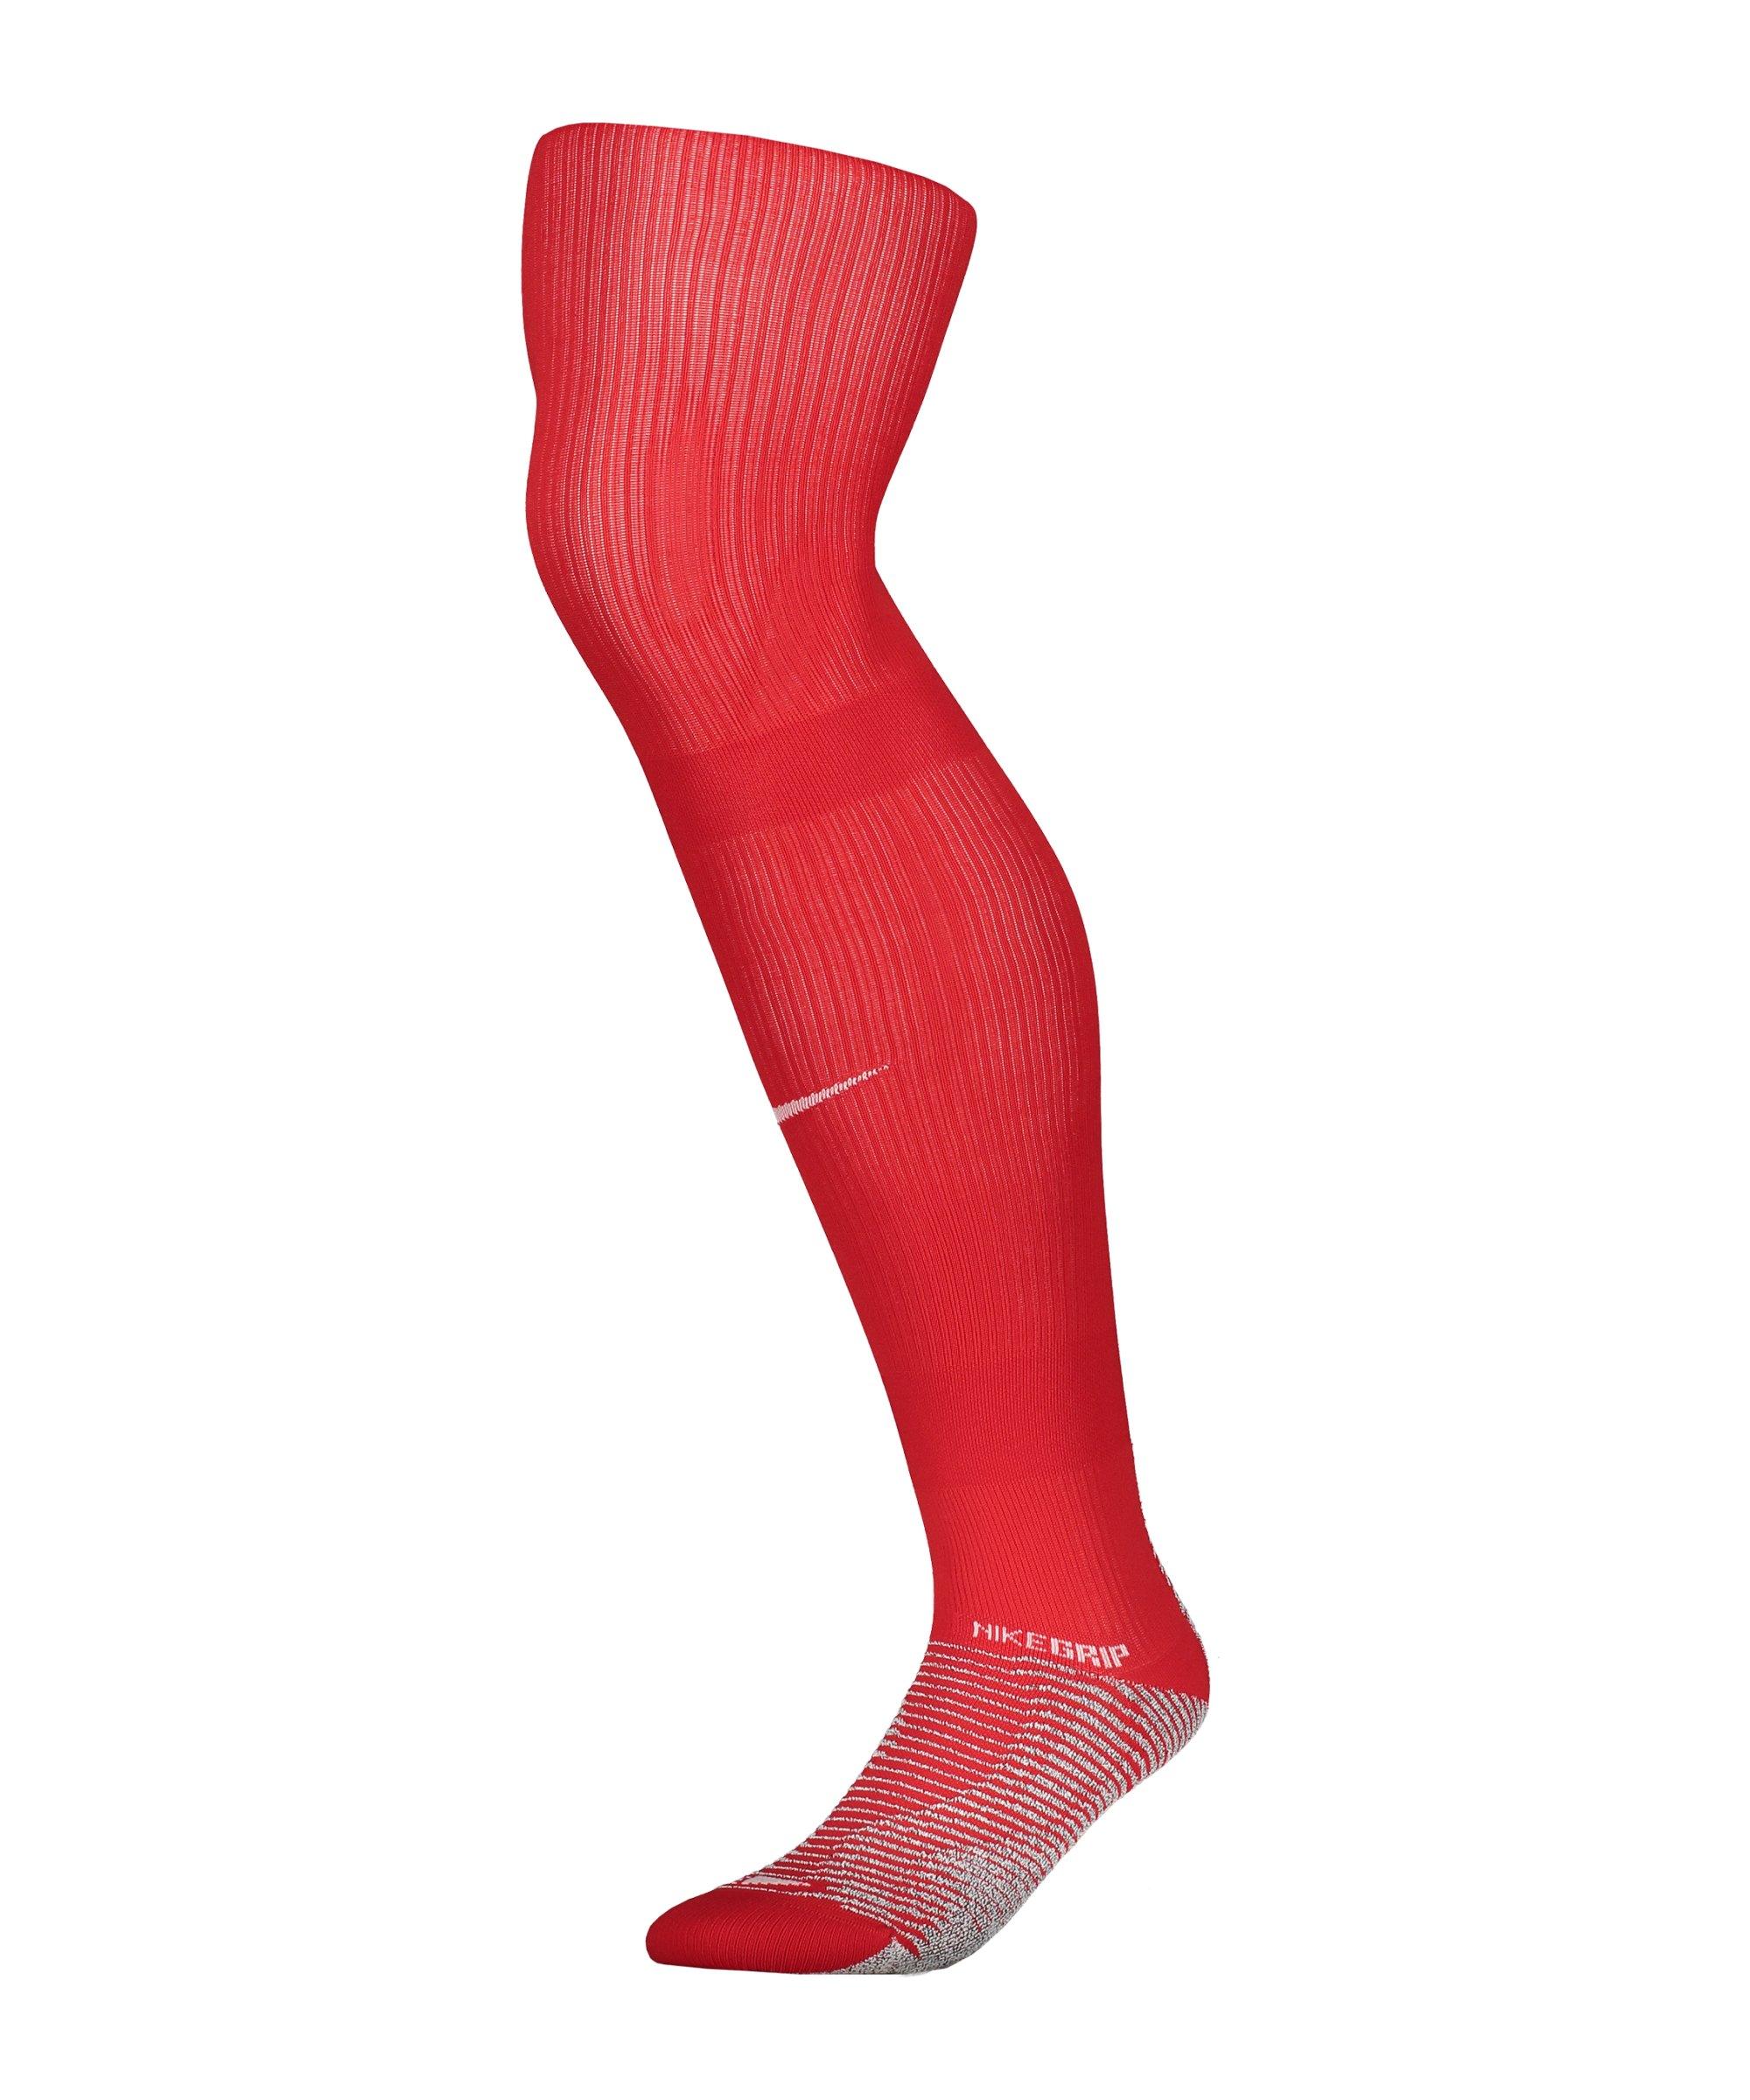 Nike Grip Strike Stutzenstrumpf Rot F657 - rot